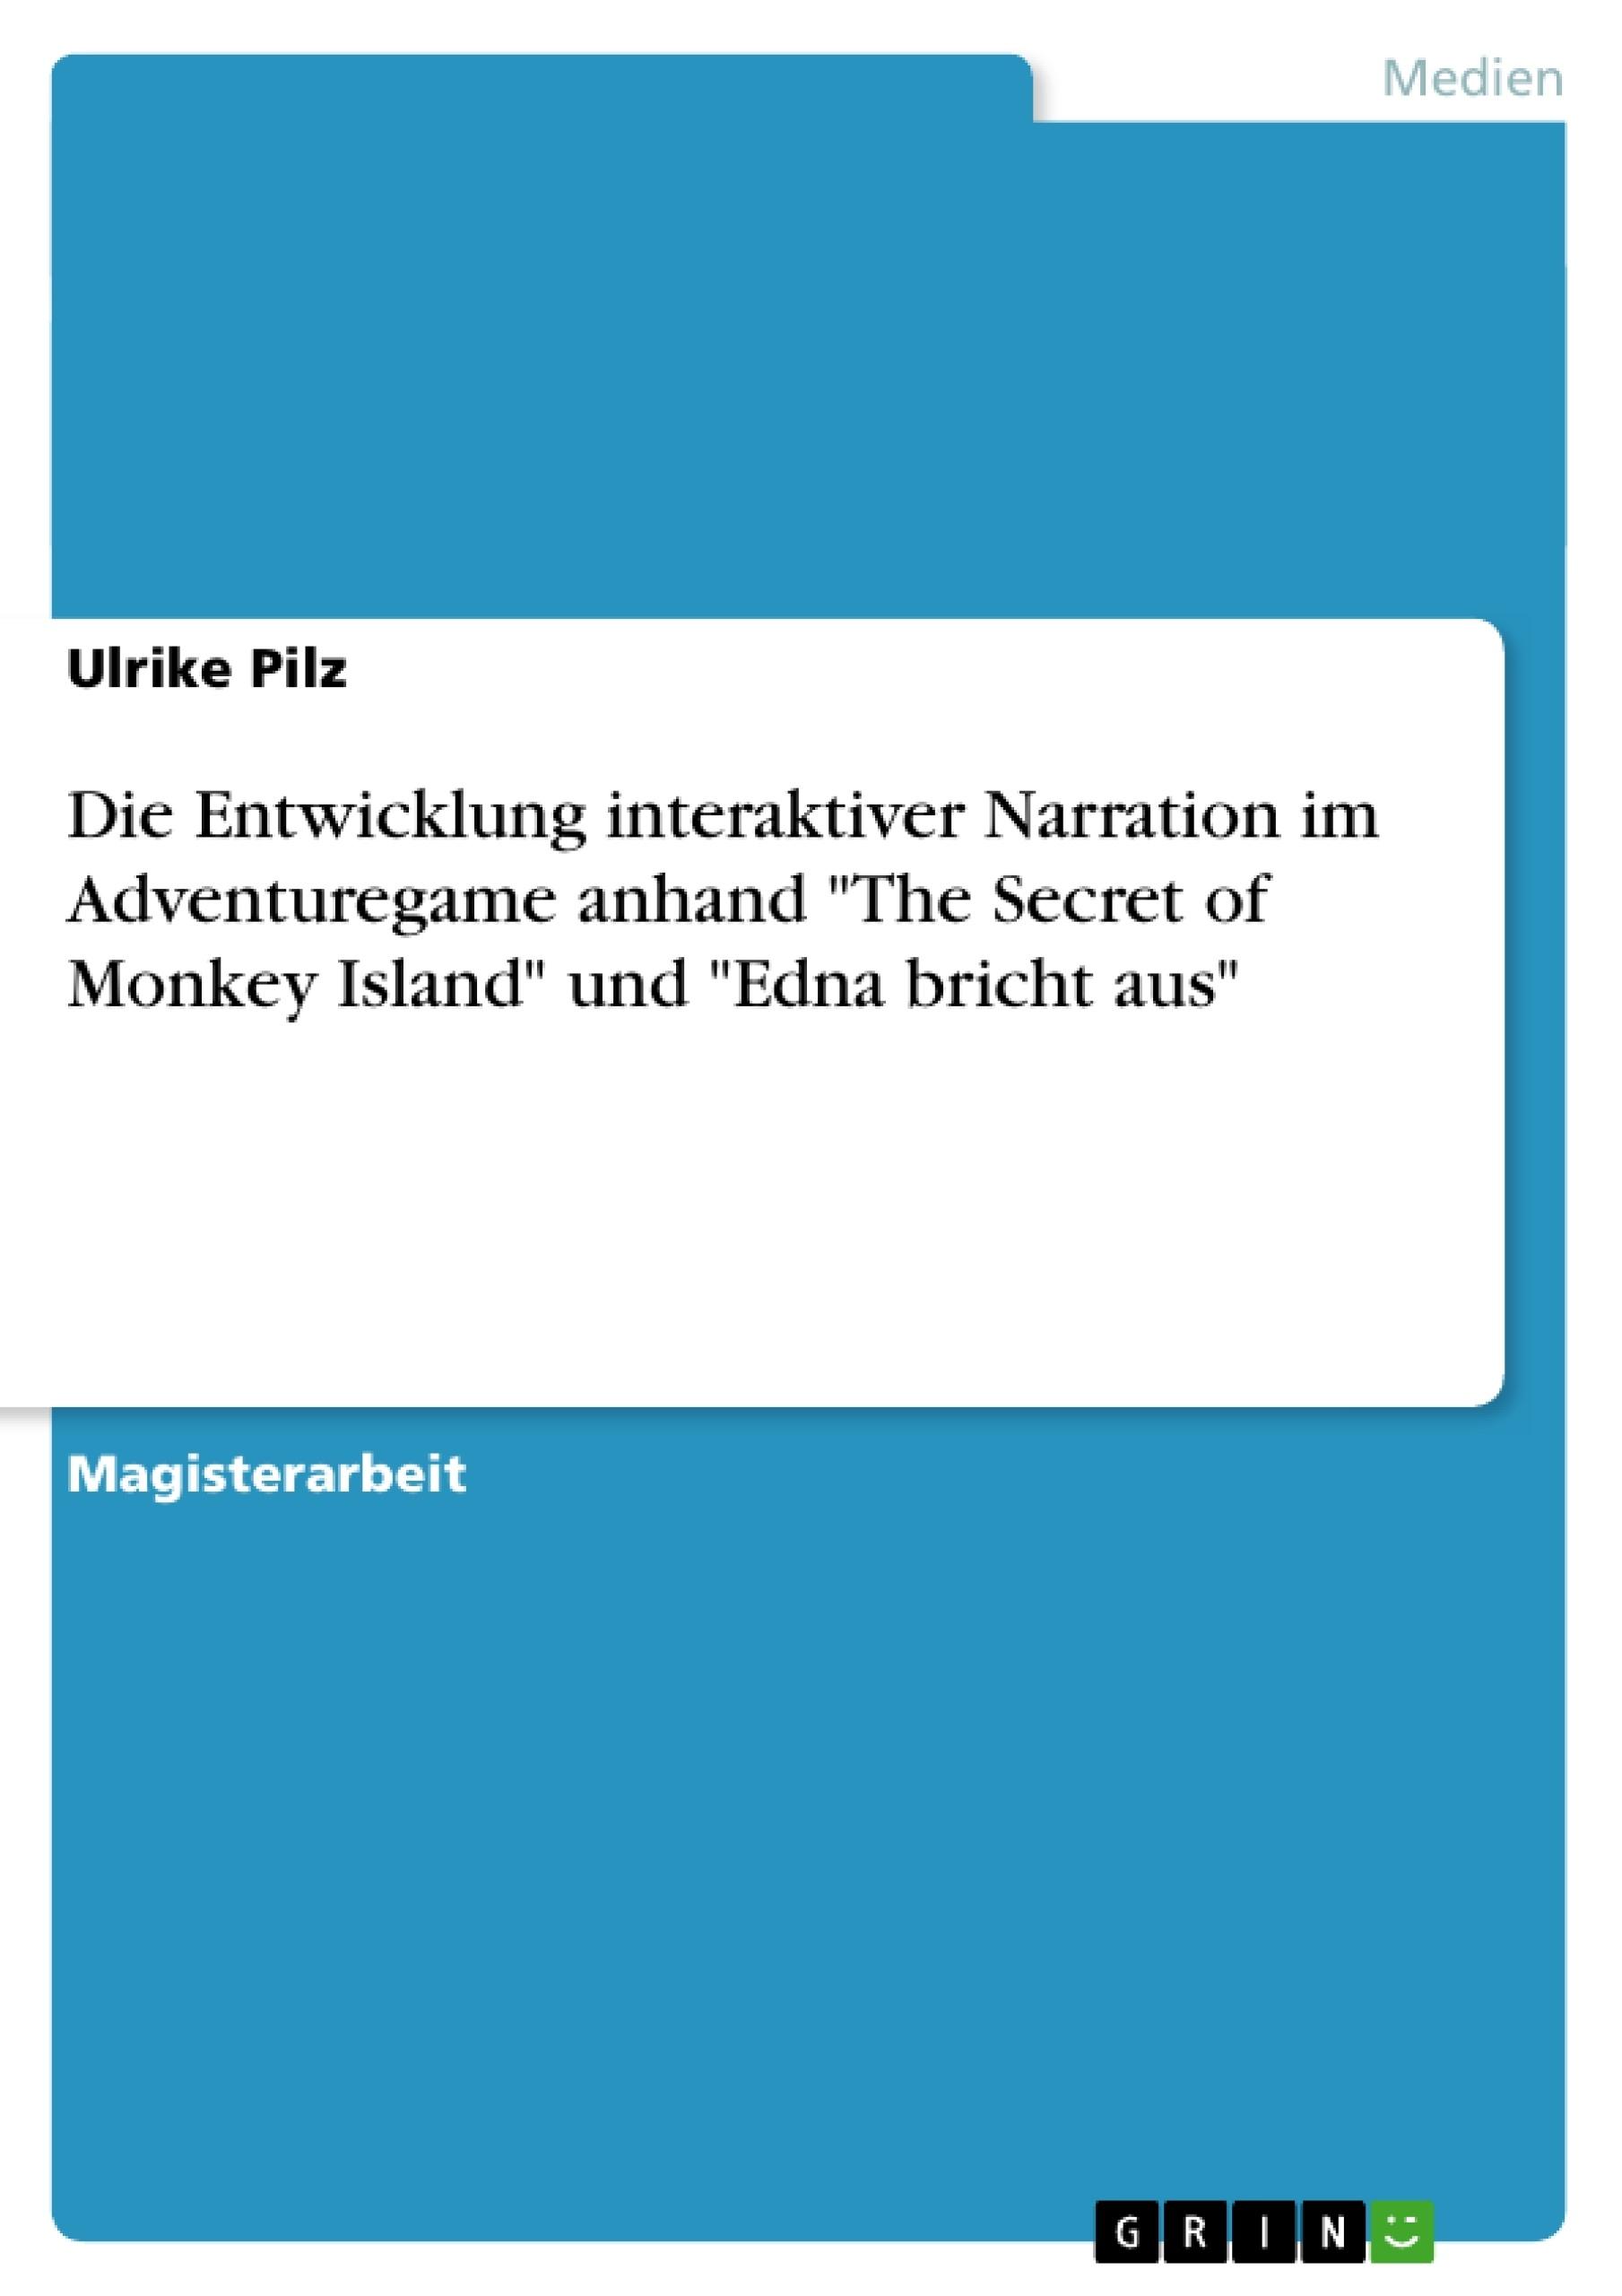 """Titel: Die Entwicklung interaktiver Narration im Adventuregame anhand """"The Secret of Monkey Island"""" und """"Edna bricht aus"""""""